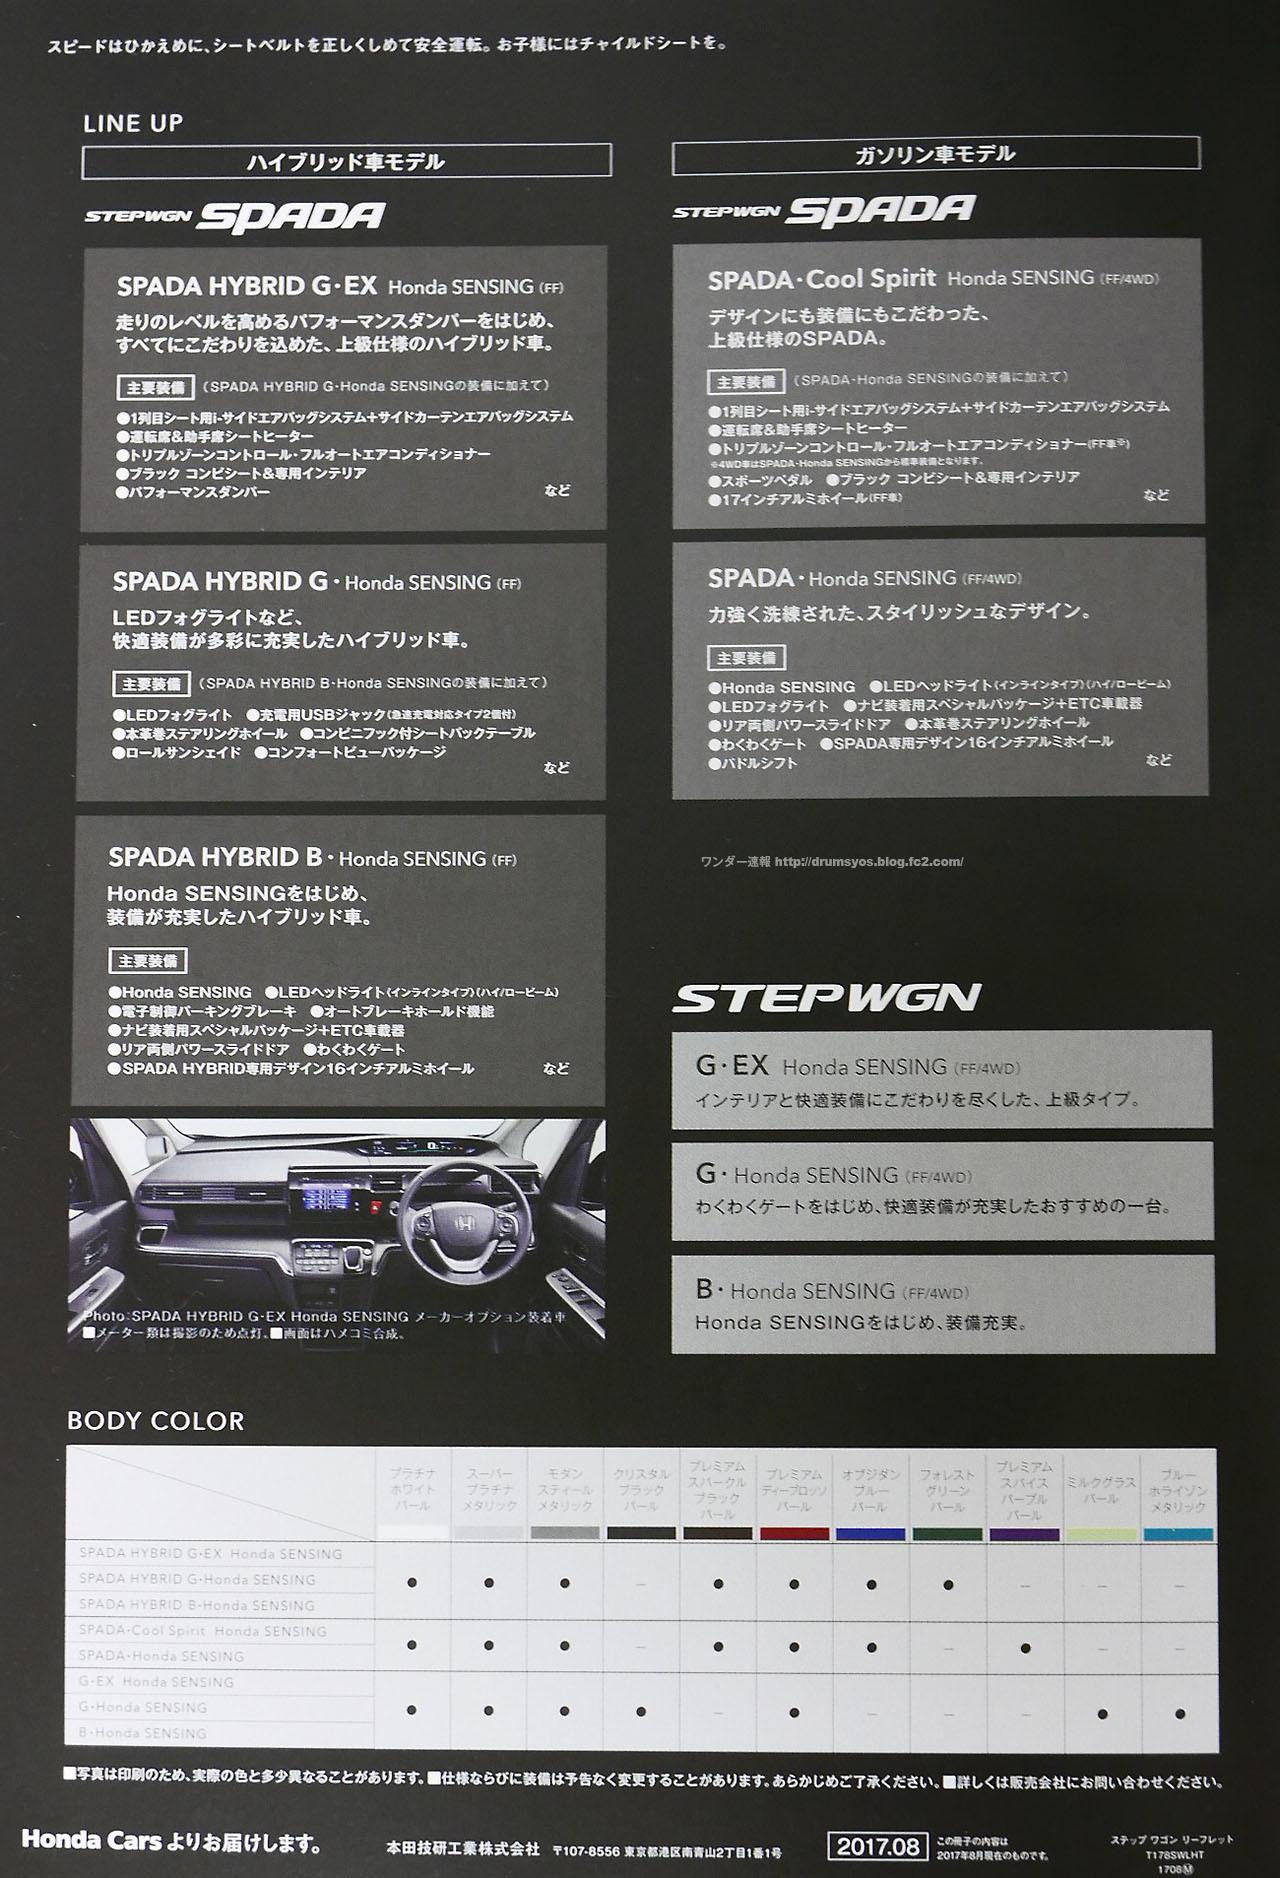 STEPWGNSPADA00.jpg